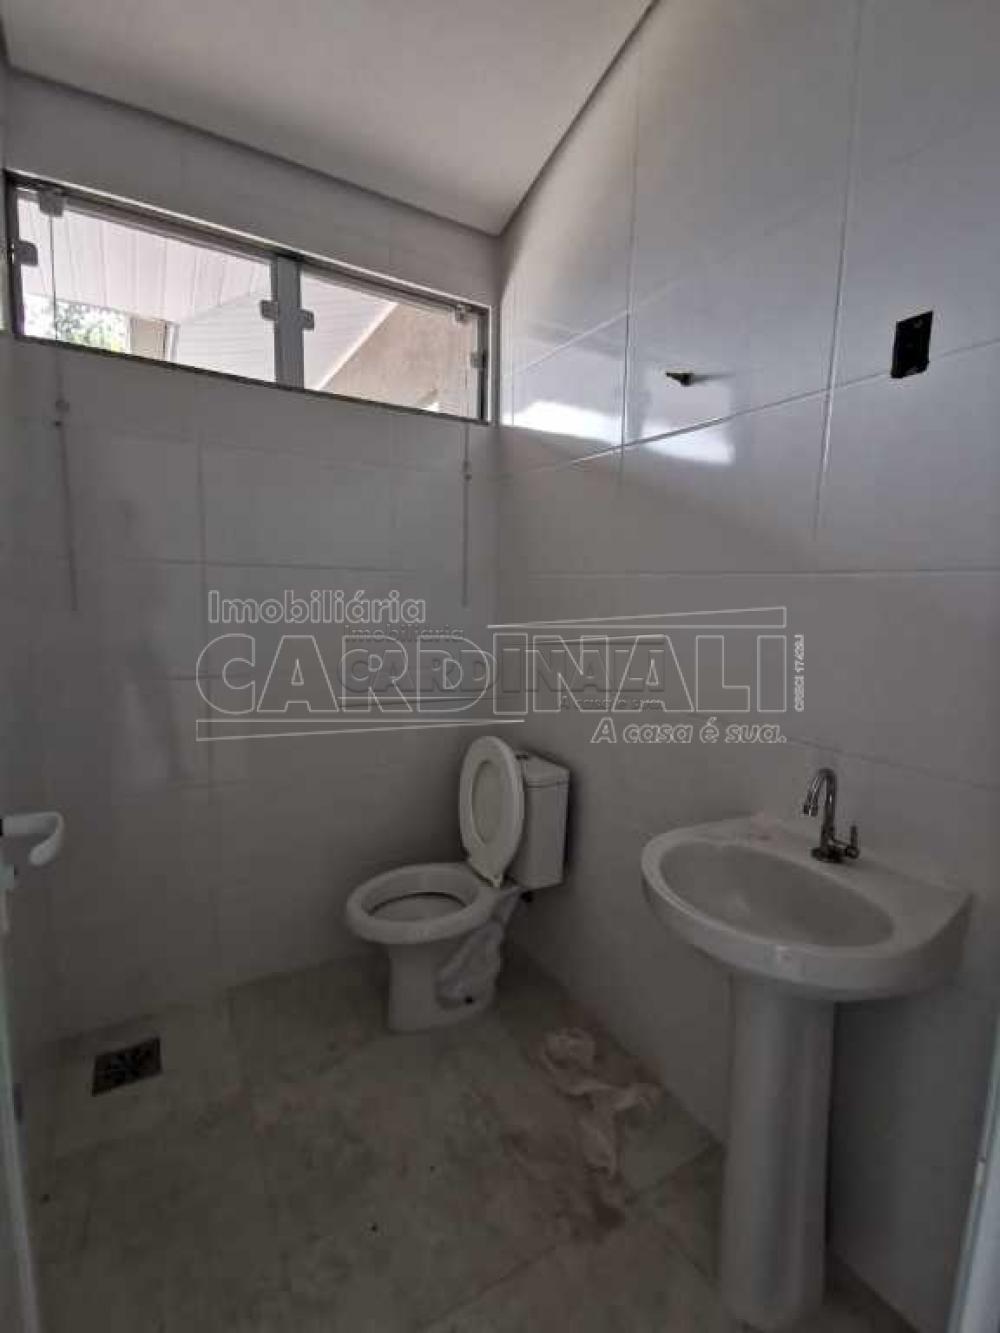 Alugar Comercial / Sala sem Condomínio em Araraquara apenas R$ 1.000,00 - Foto 10